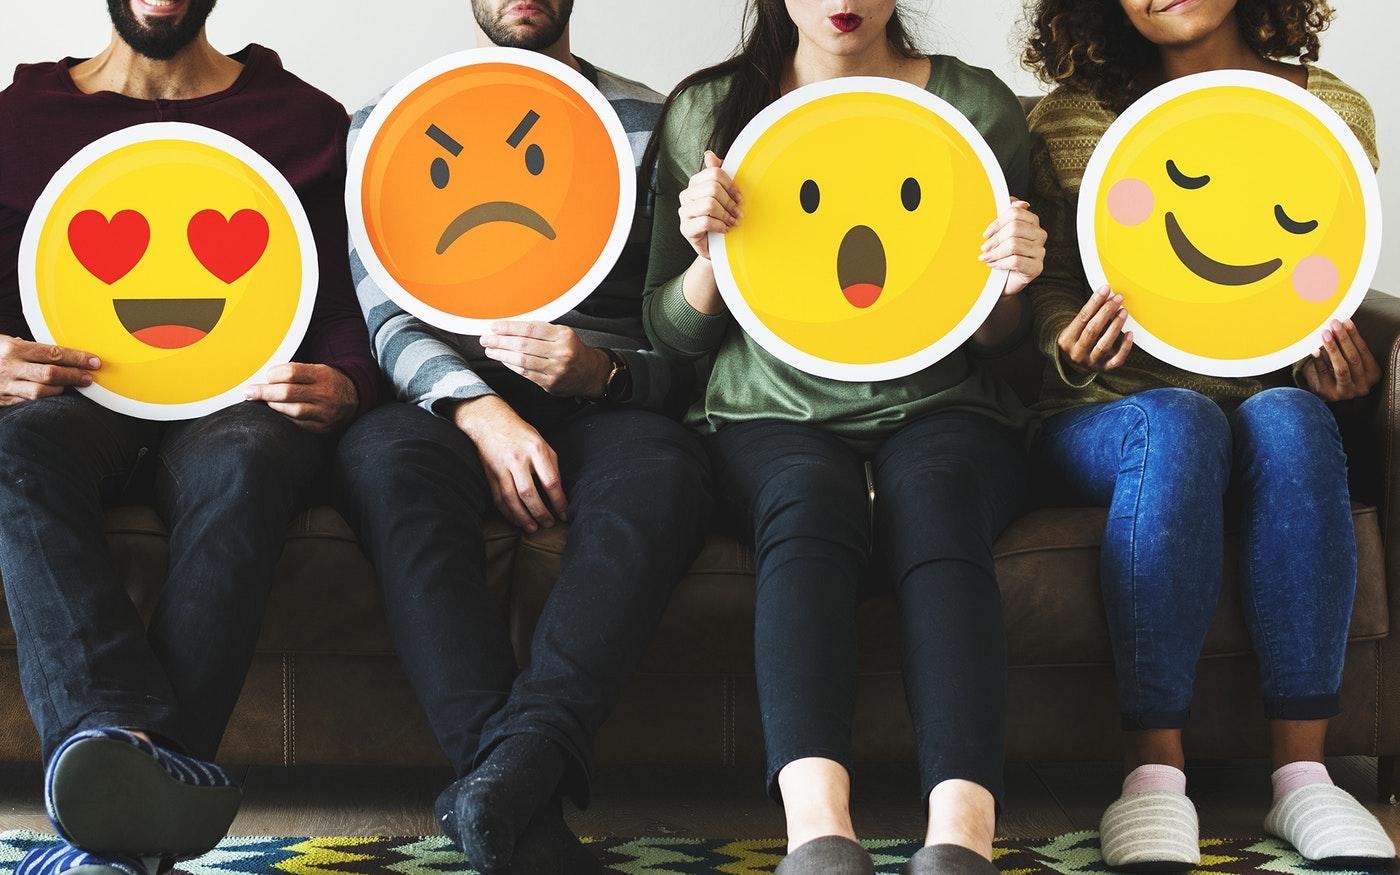 Vrienden maken met moeilijke emoties